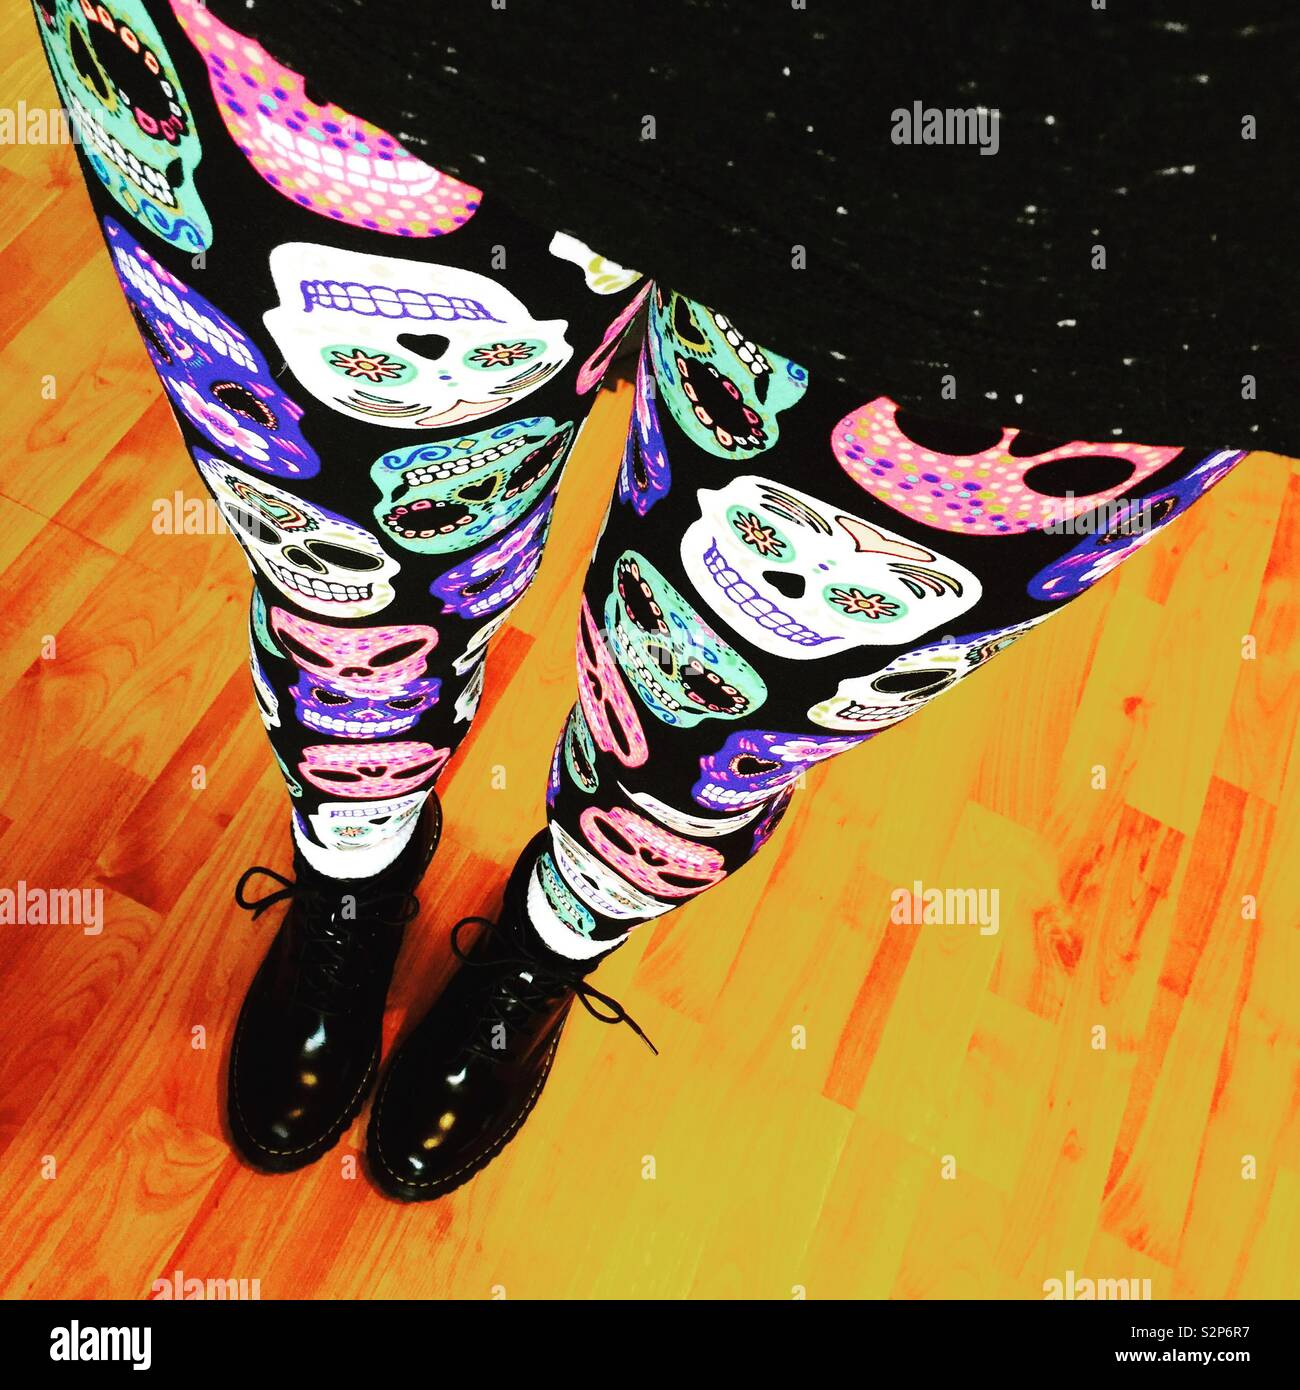 Sugar skull leggings - Stock Image